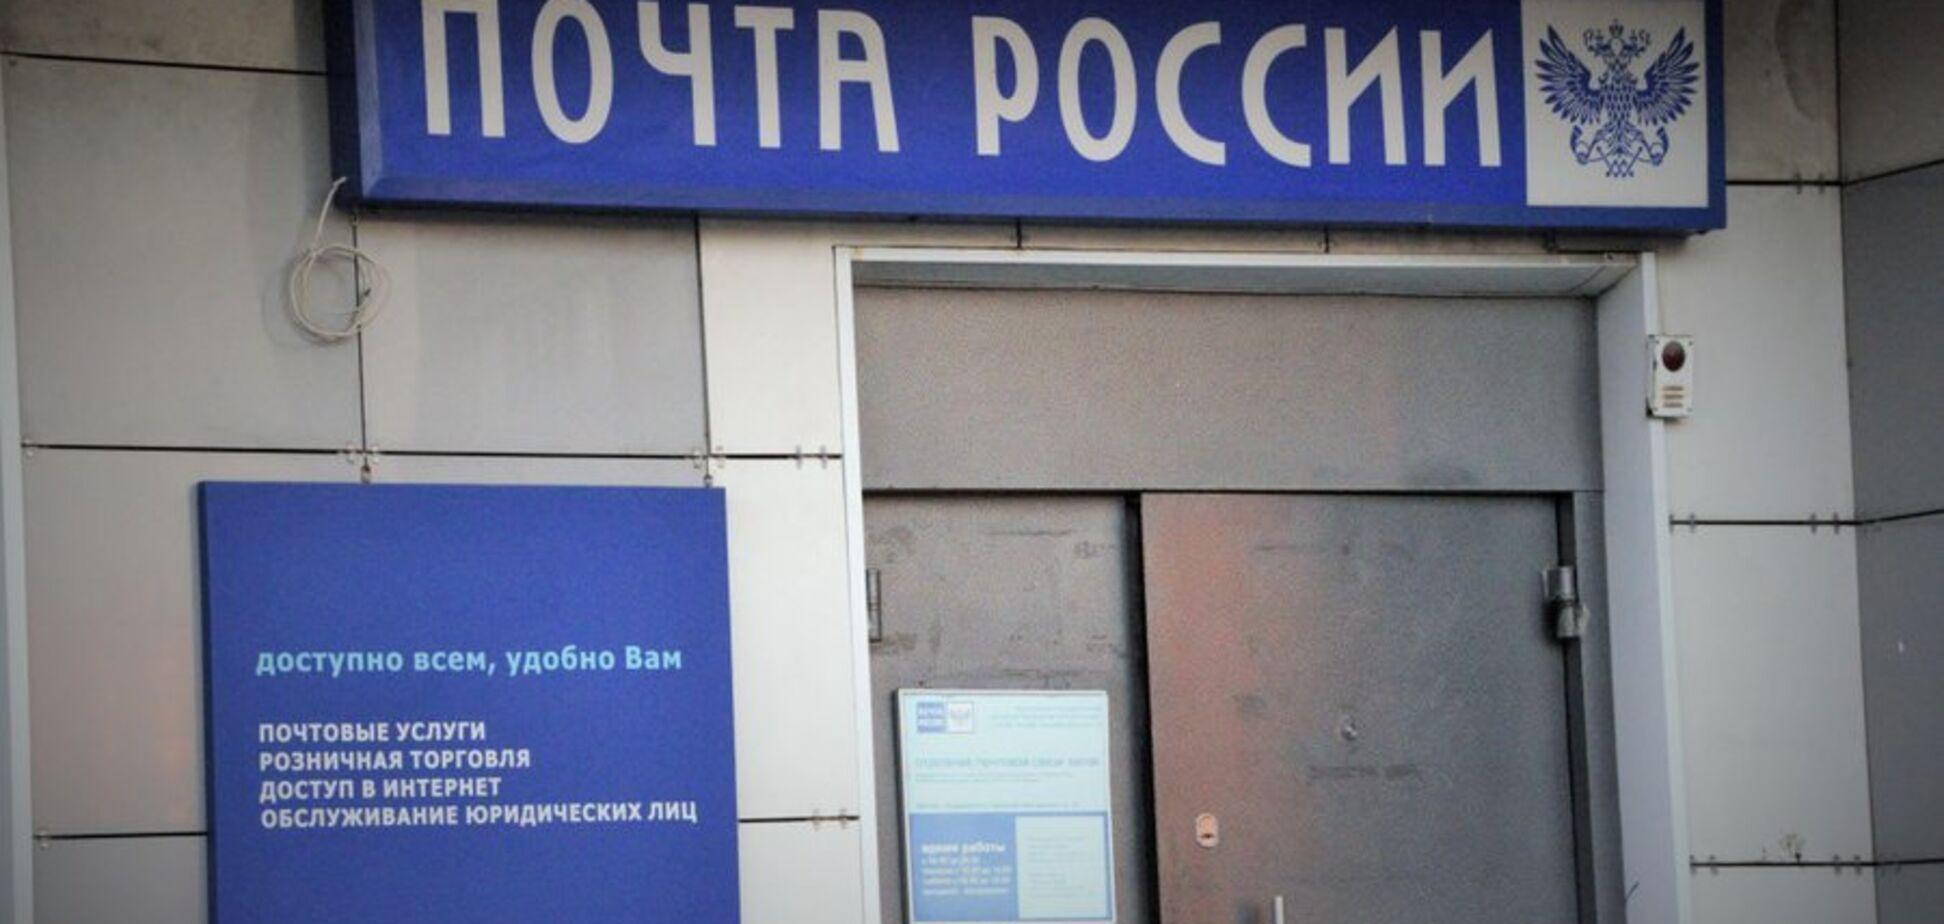 ''Приніс вам пиво, але не дам'': українець яскраво висміяв нововведення 'Пошти Росії'